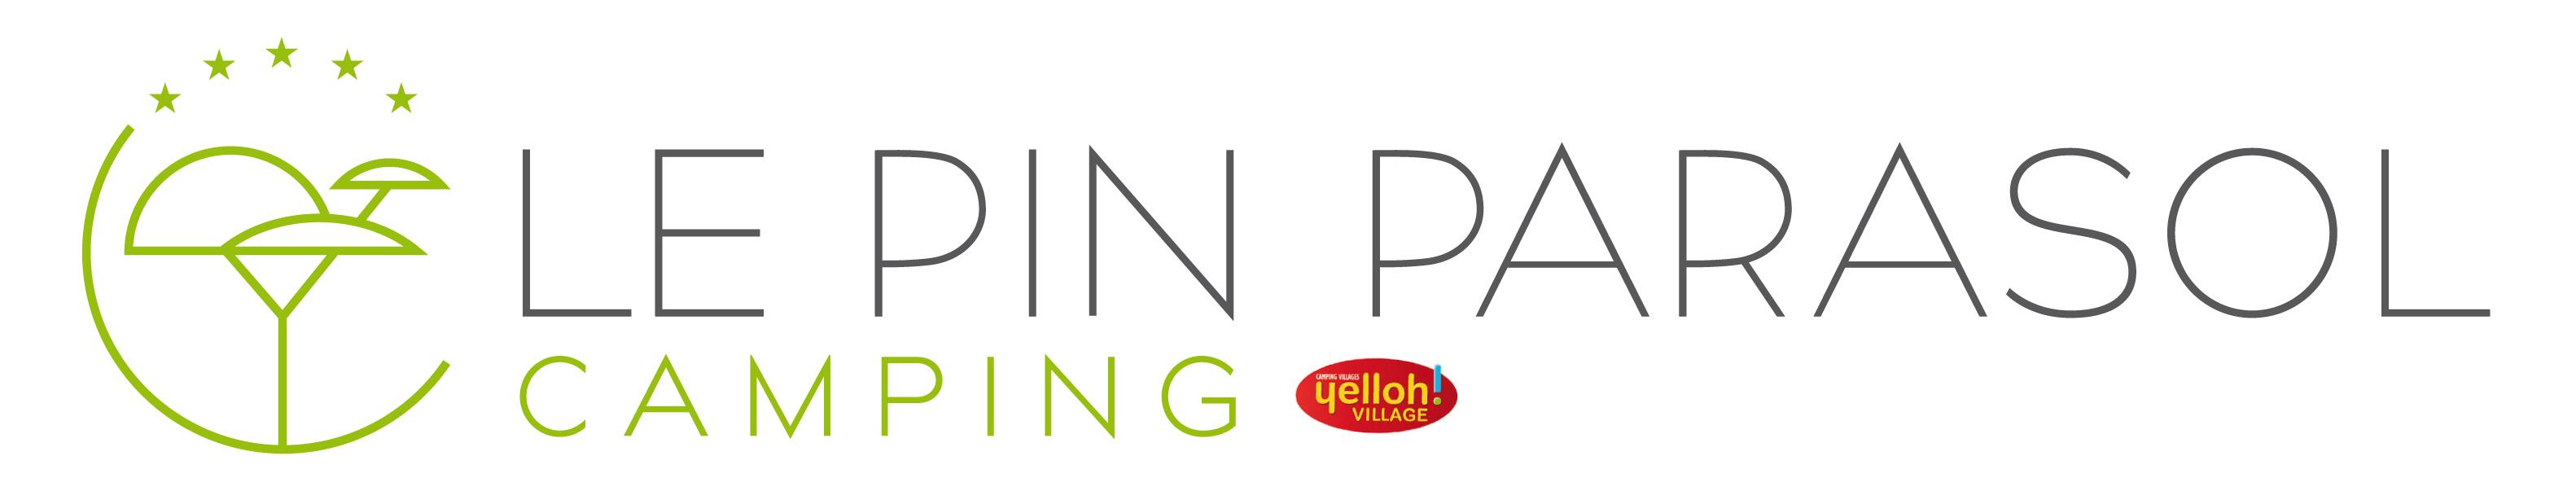 logo Pin Parasol camping 5 étoiles vendée